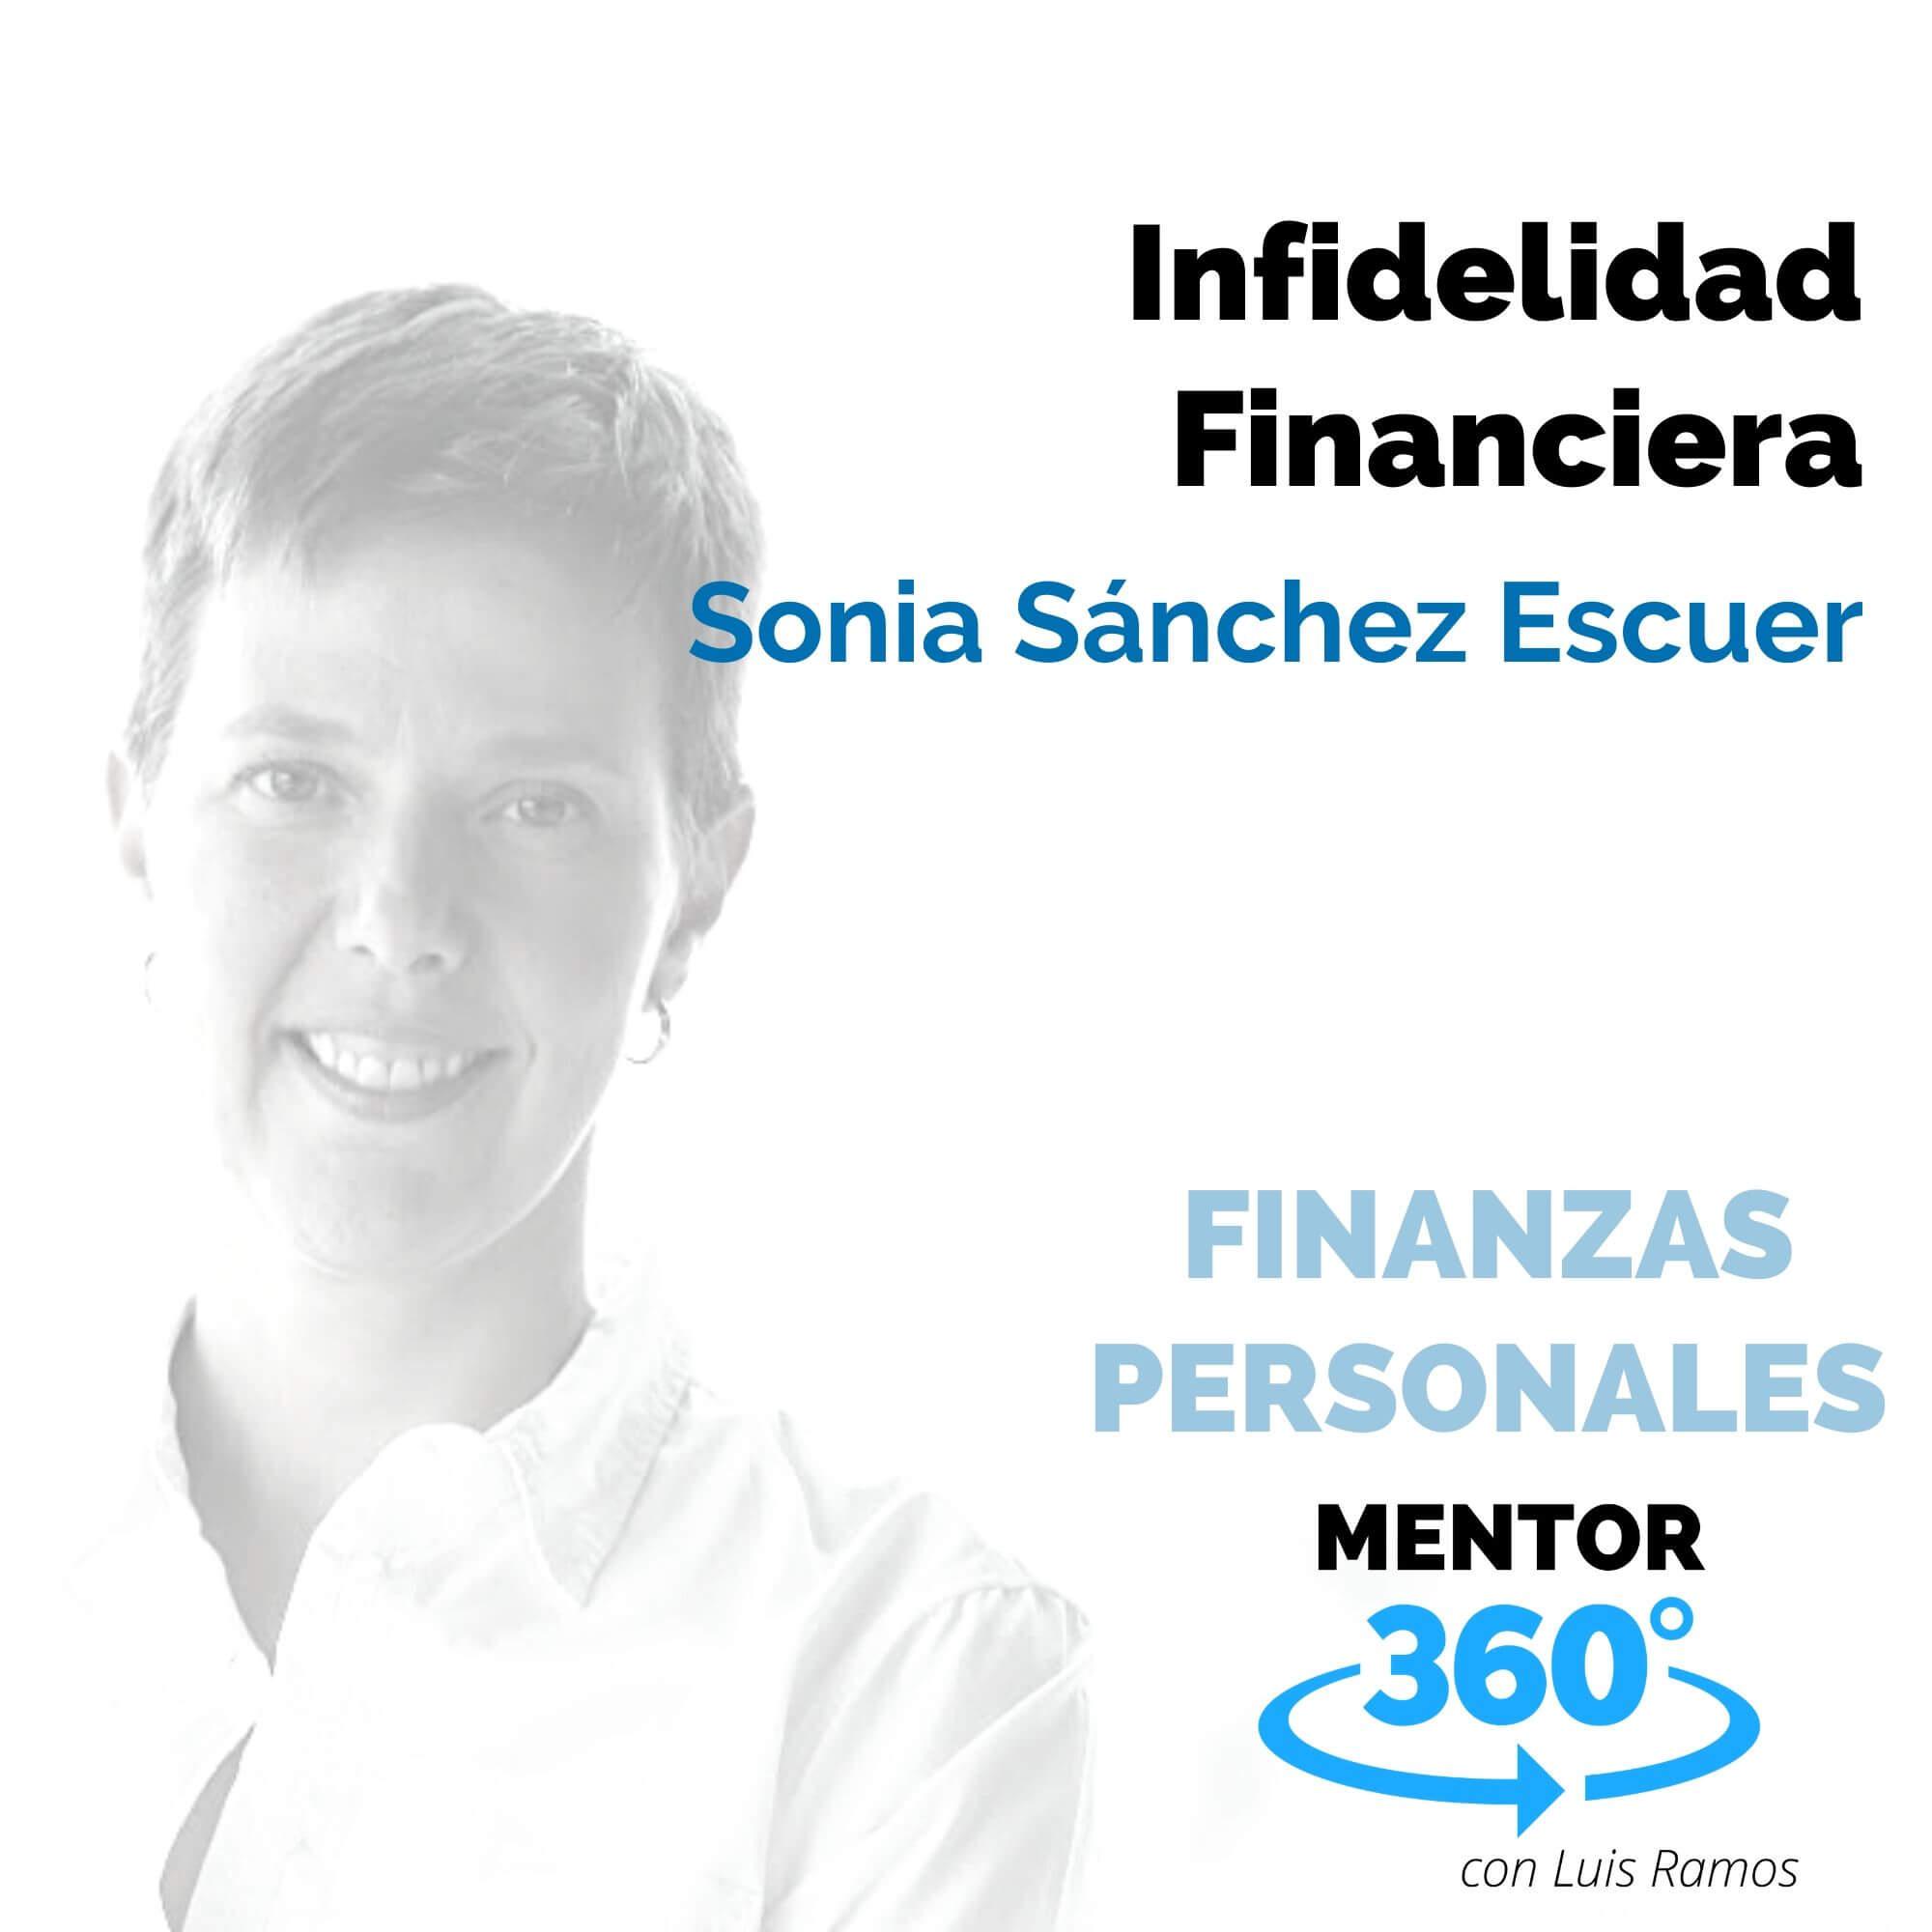 Infidelidad Financiera, con Sonia Sánchez Escuer - FINANZAS PERSONALES